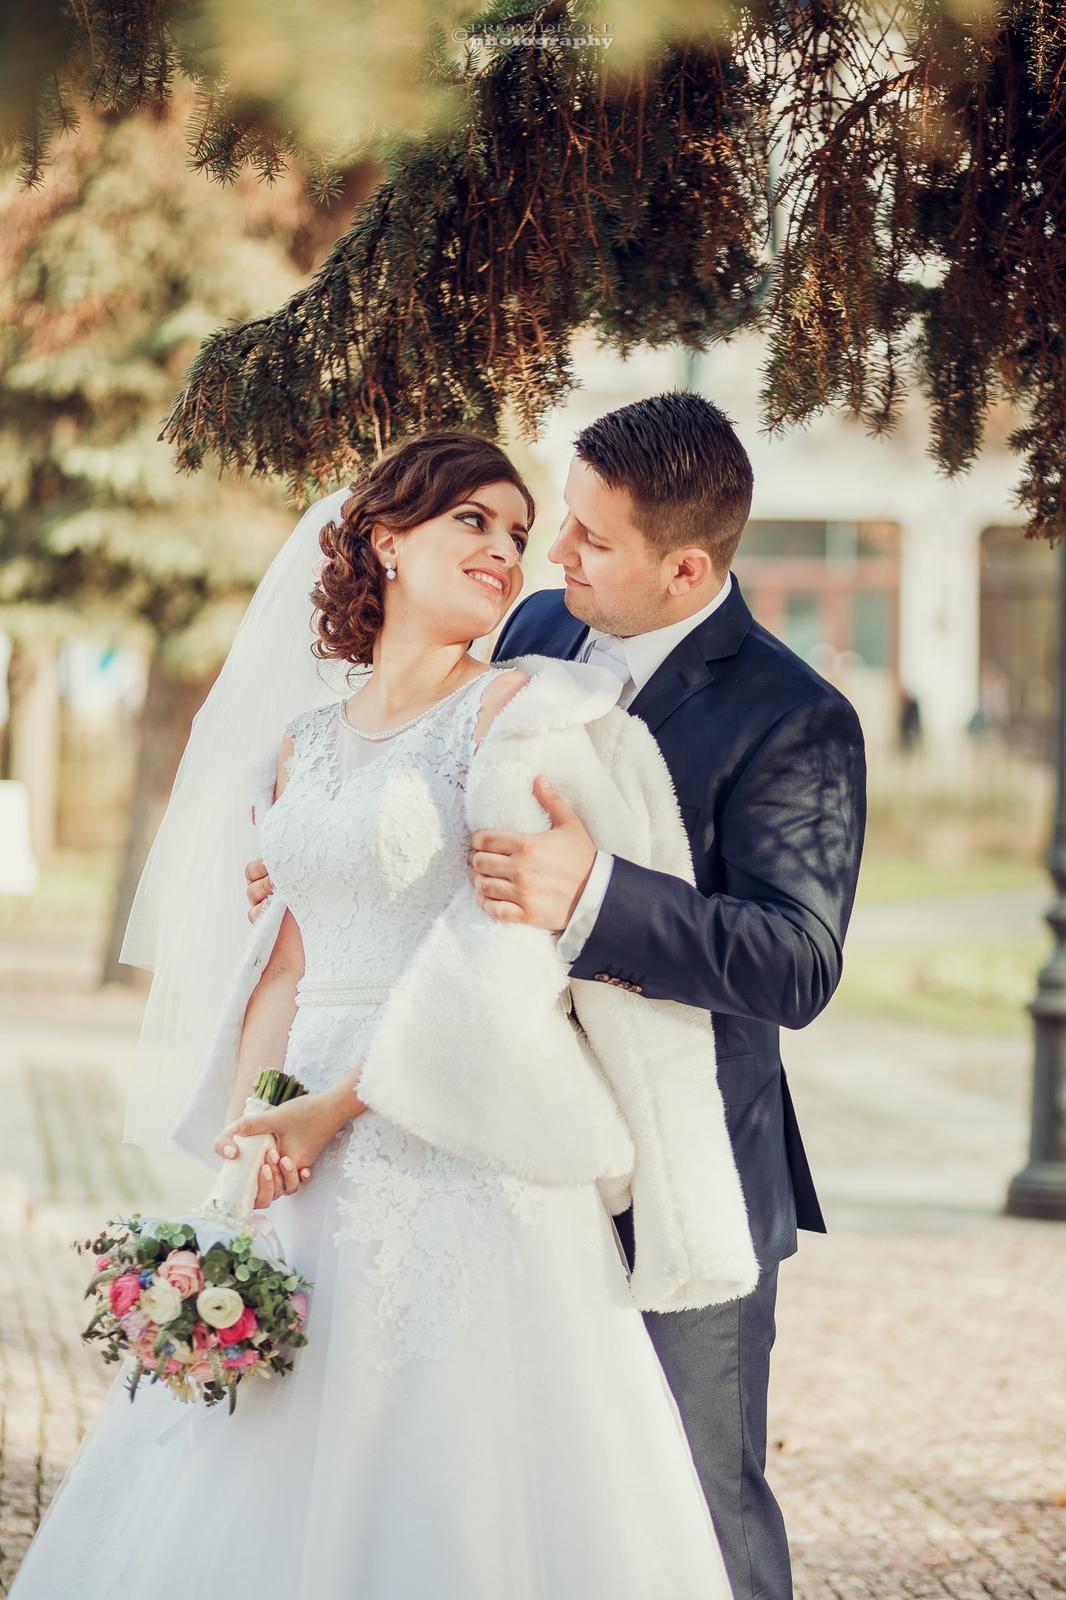 Svadobné príbehy ... - Obrázok č. 55